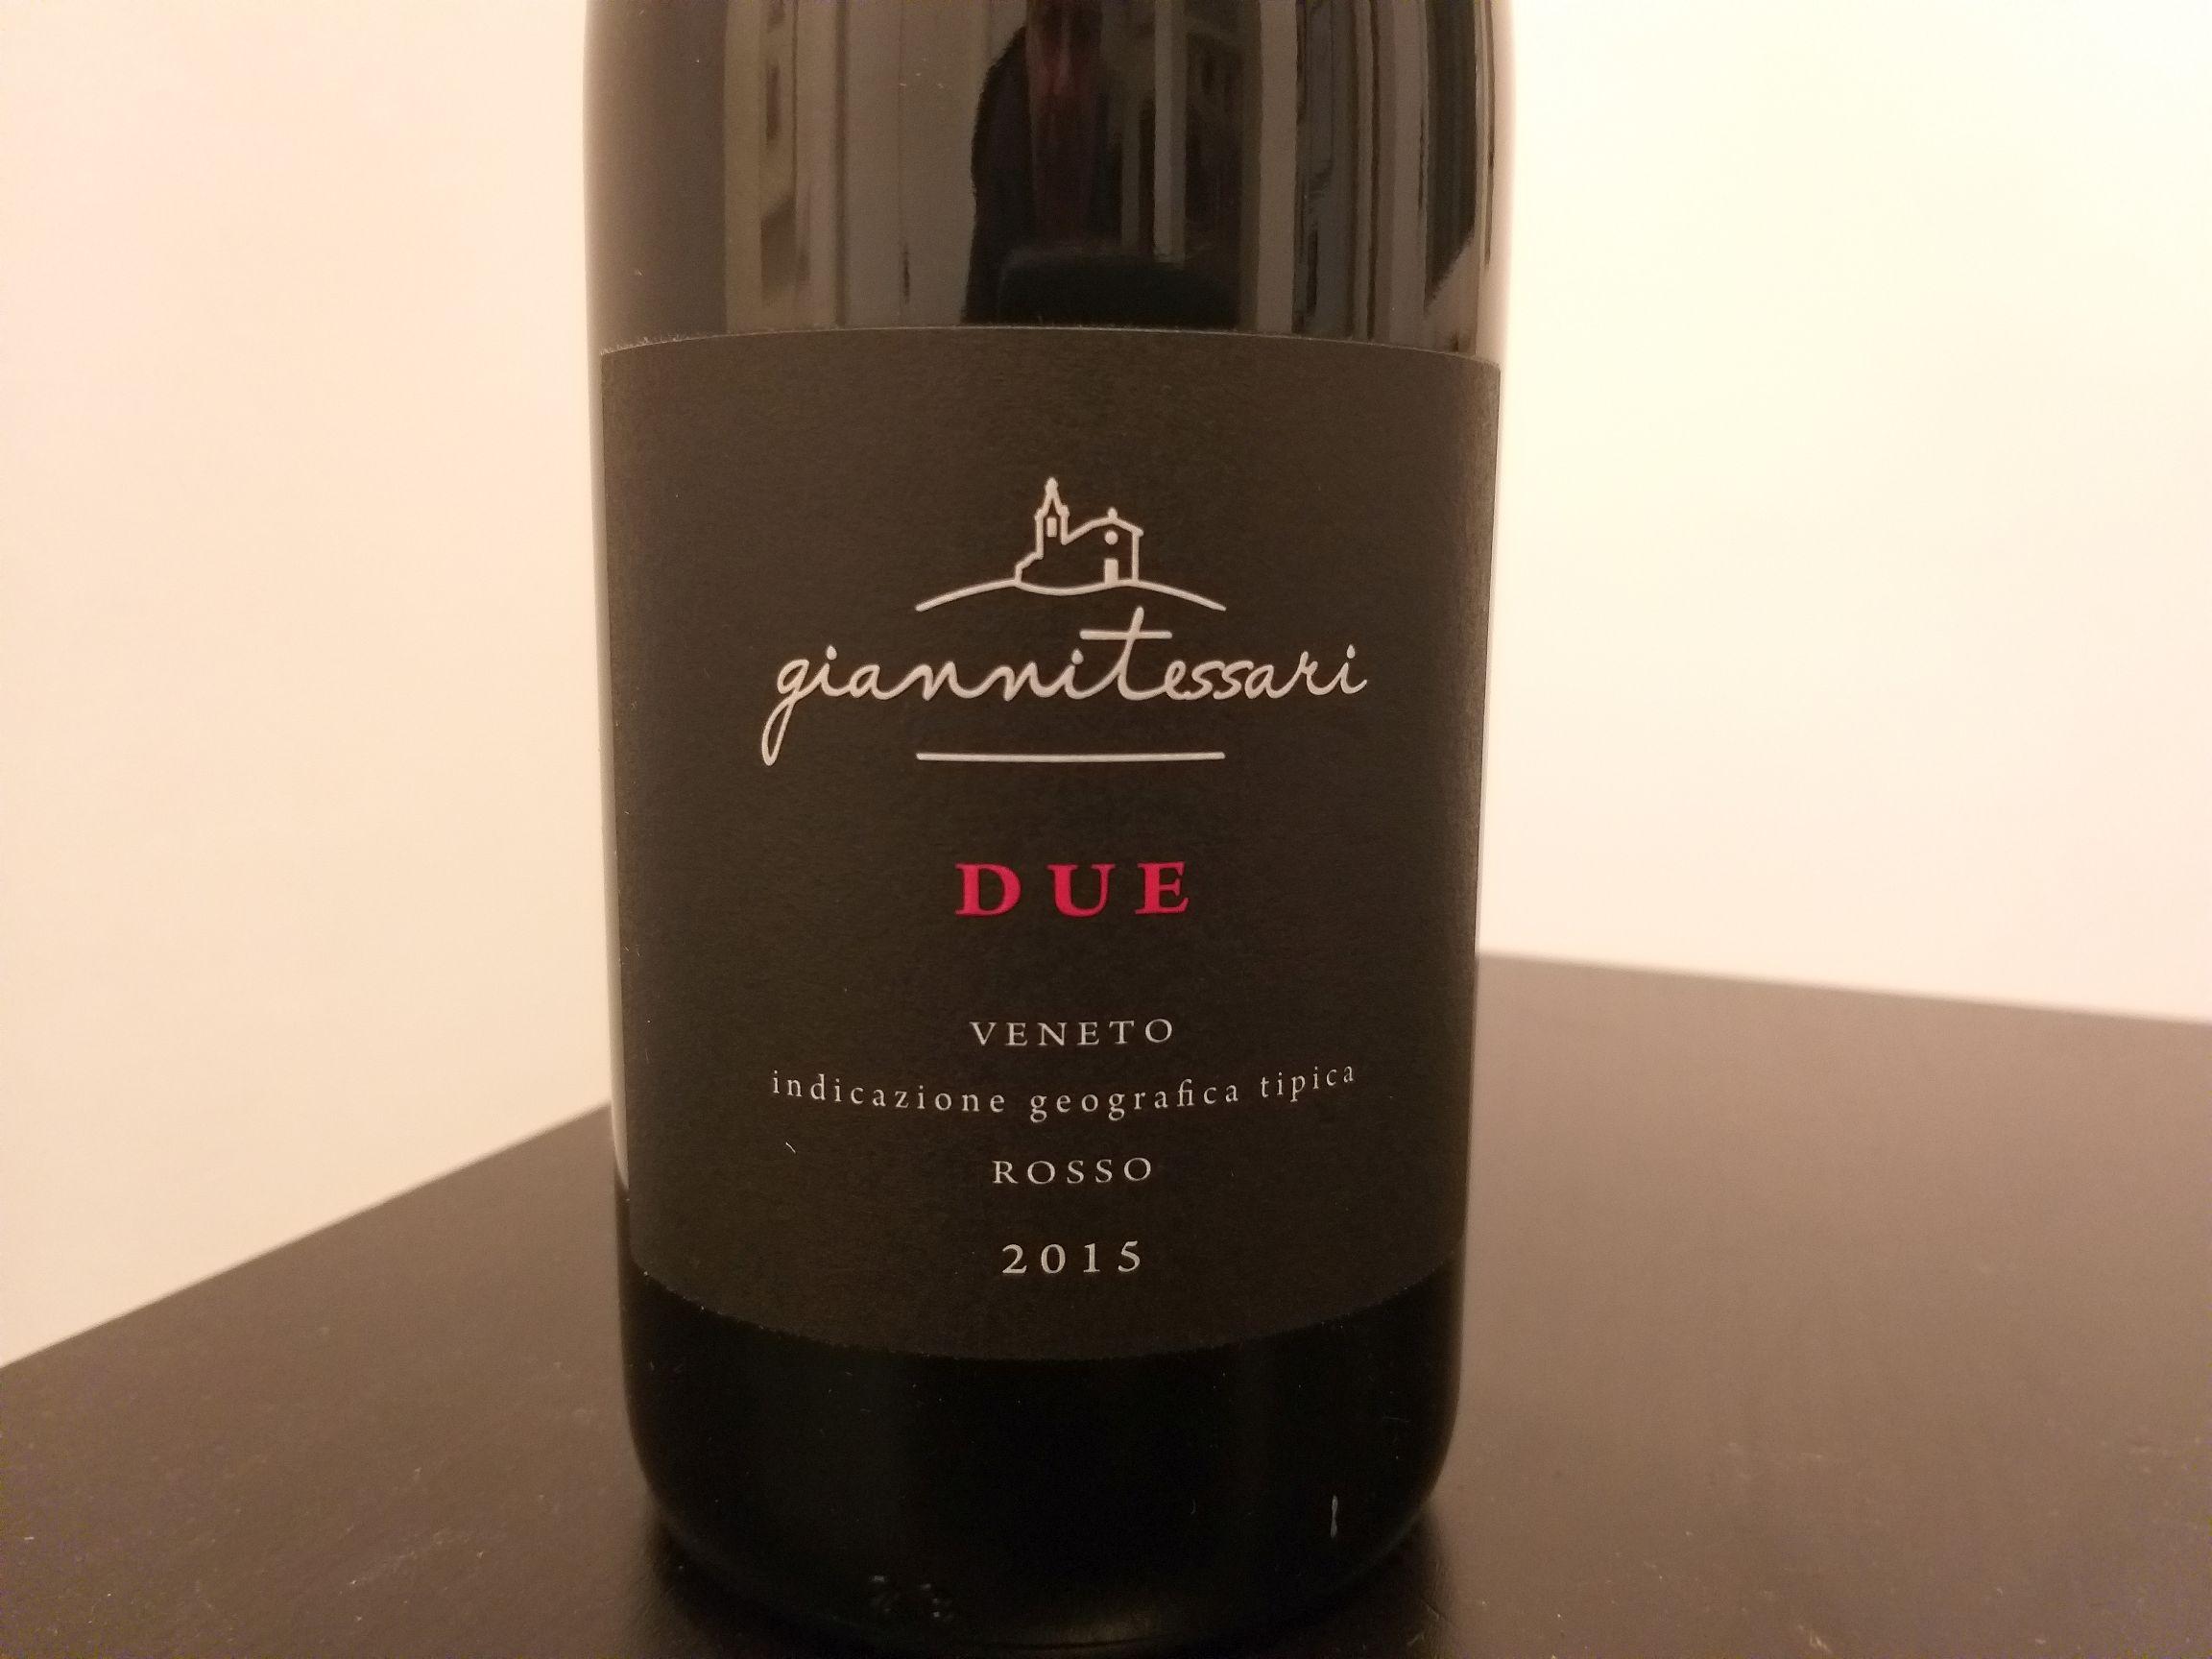 """""""Due"""" di Gianni Tessari un vino dal nome che propizia  un nuovo inizio"""